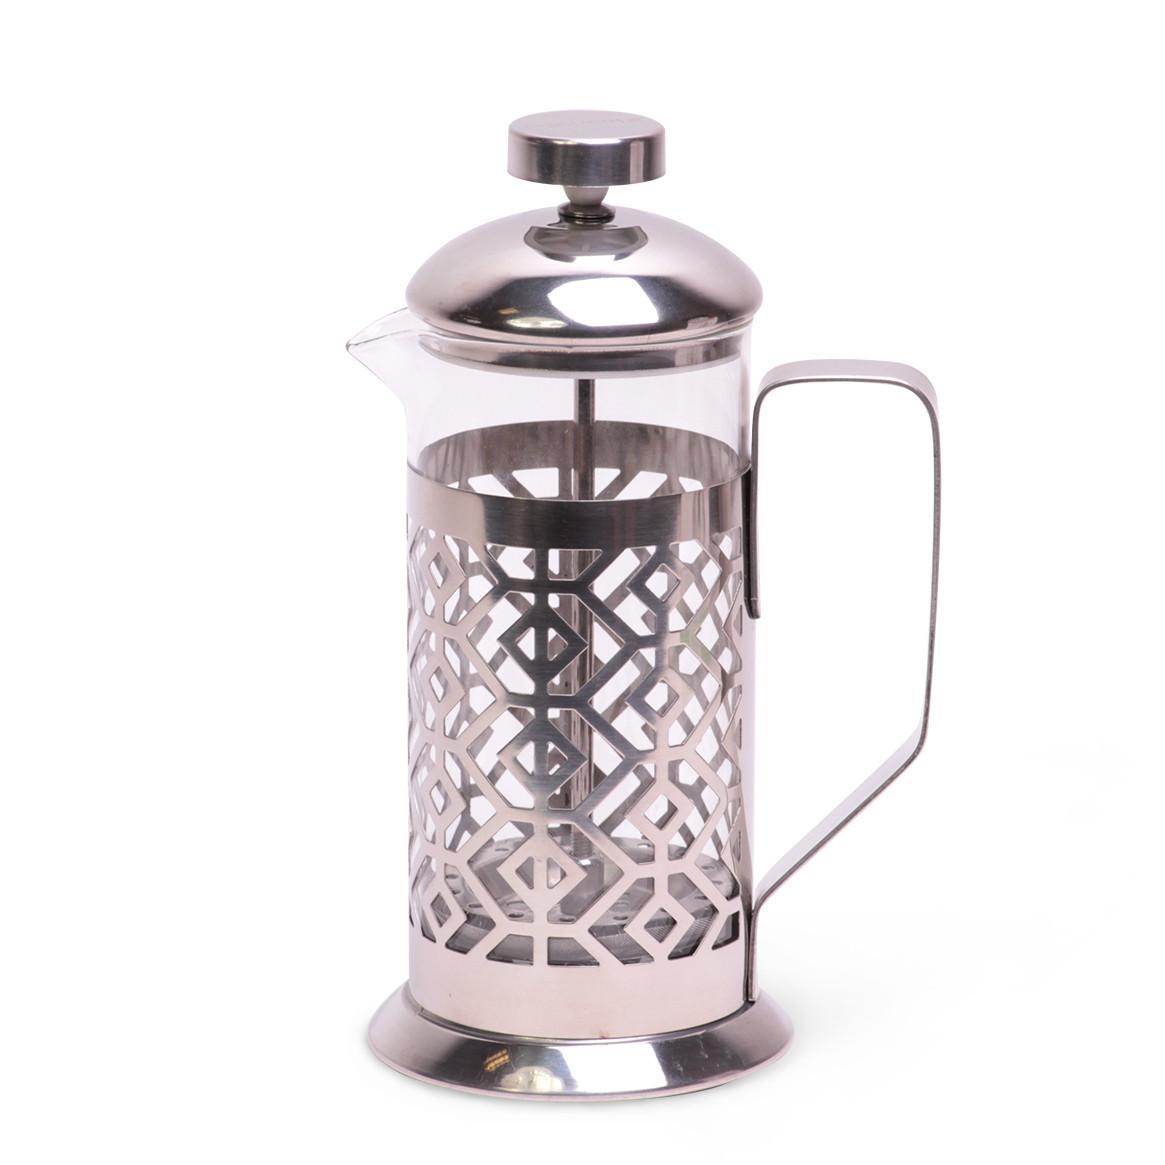 Френчпресс Kamille 350мл (нержавеющая сталь, стекло)